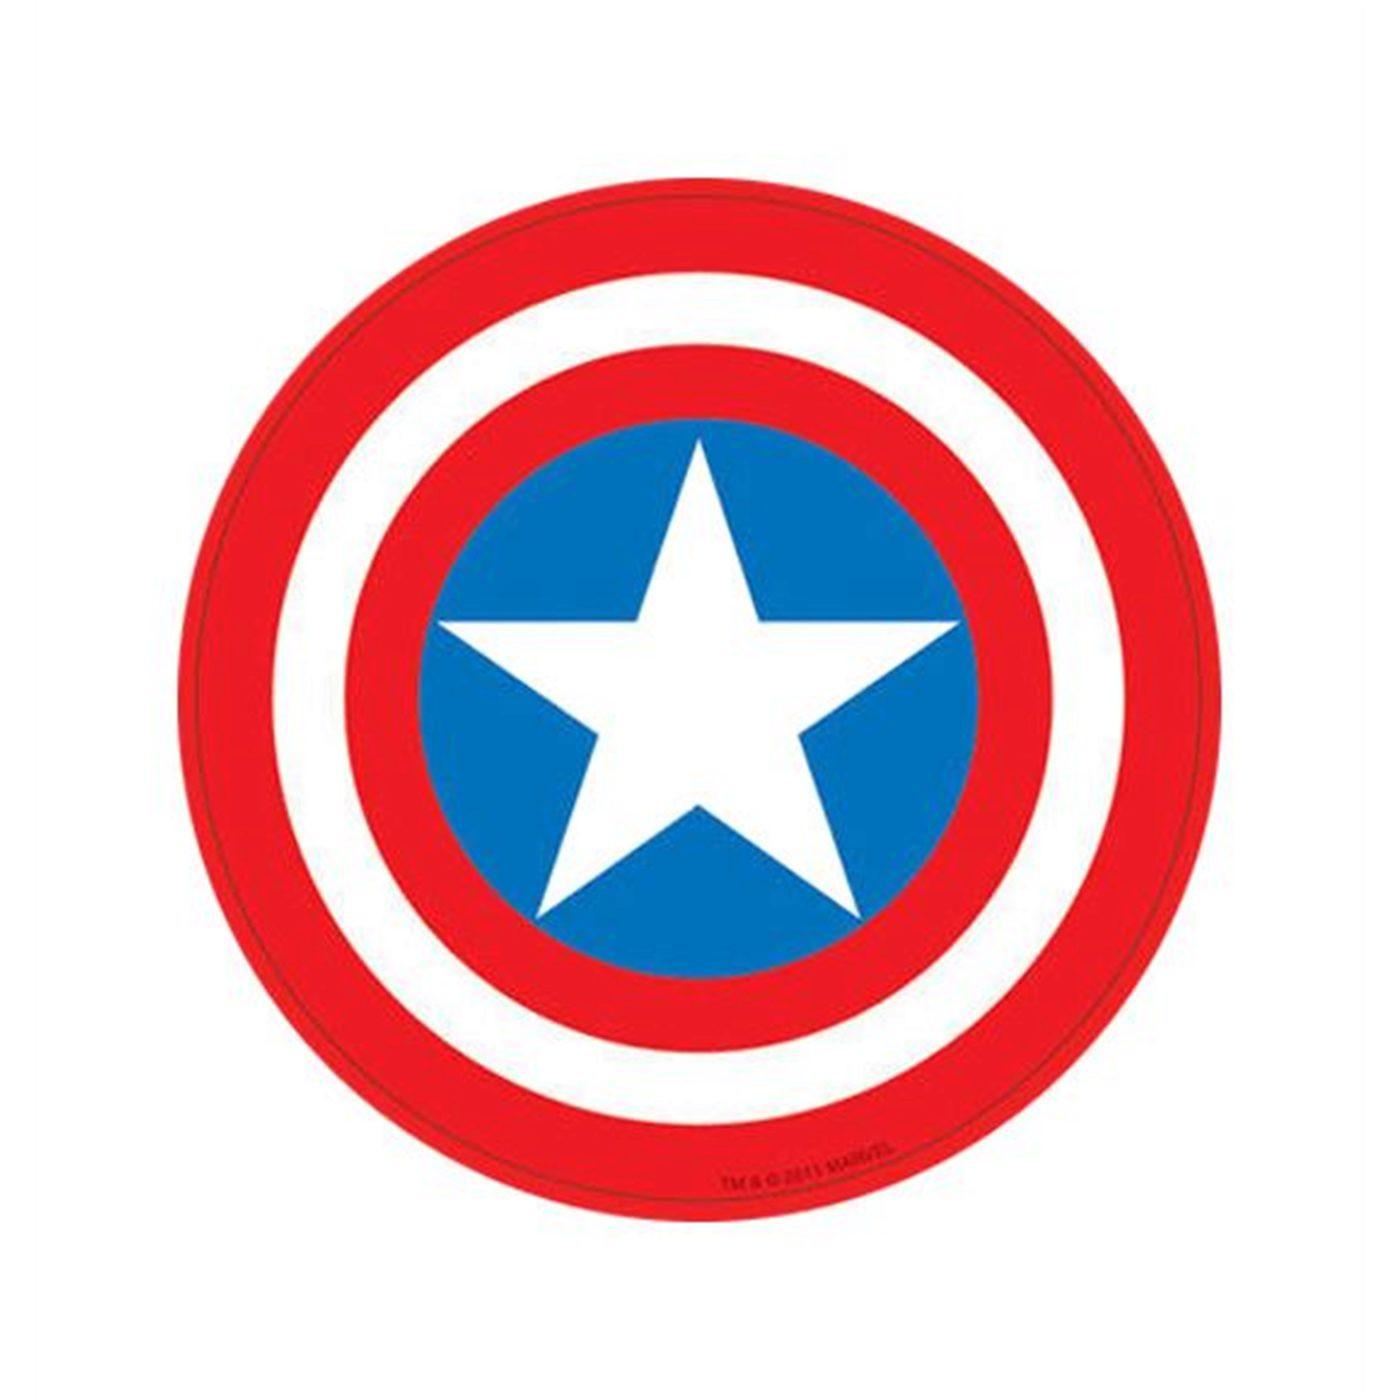 Captain America Shield Symbol Sticker